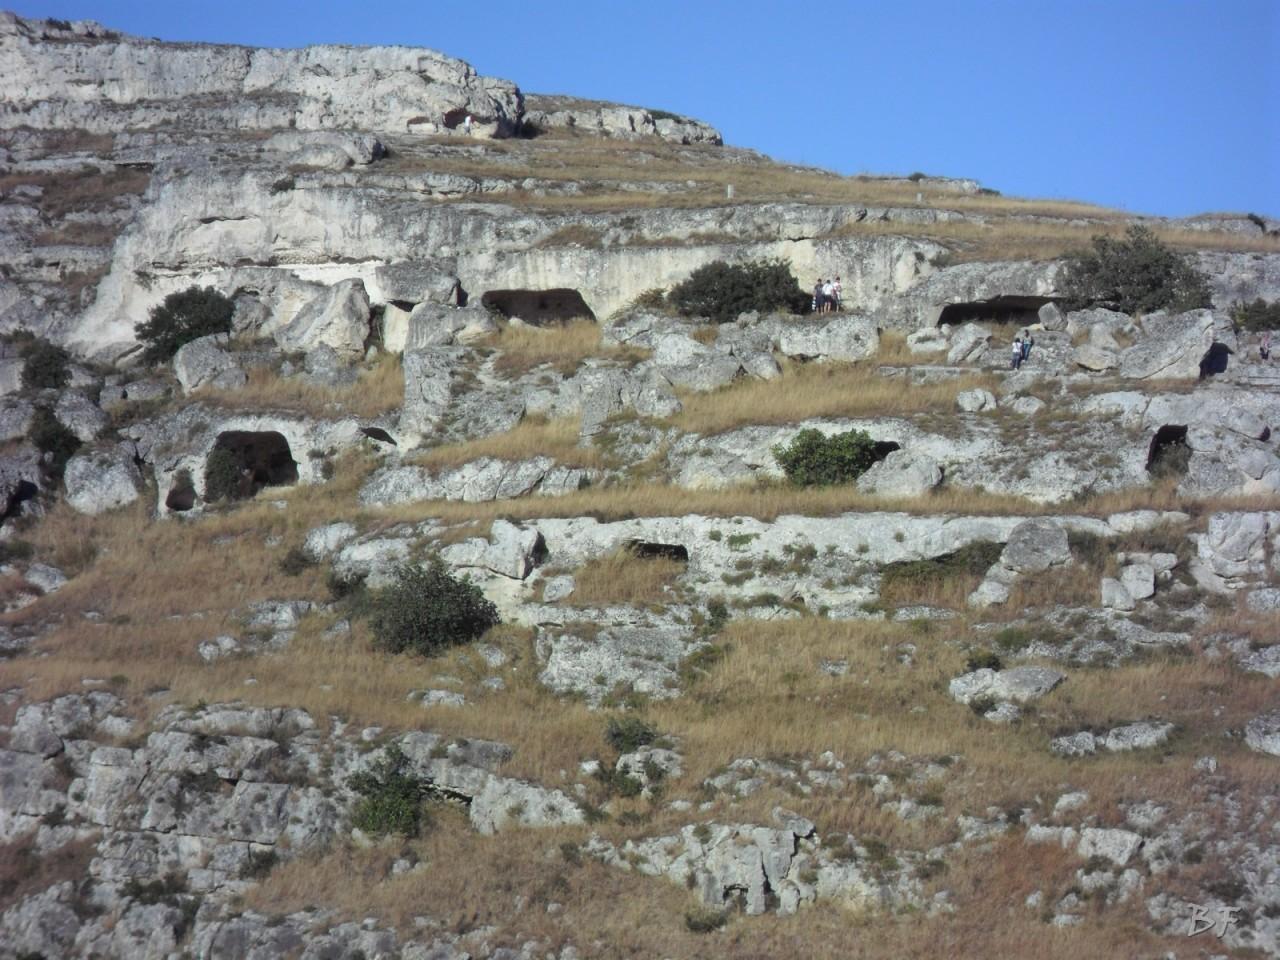 Sasso-Caveoso-Edifici-Rupestri-Megaliti-Sassi-di-Matera-basilicata-Italia-5